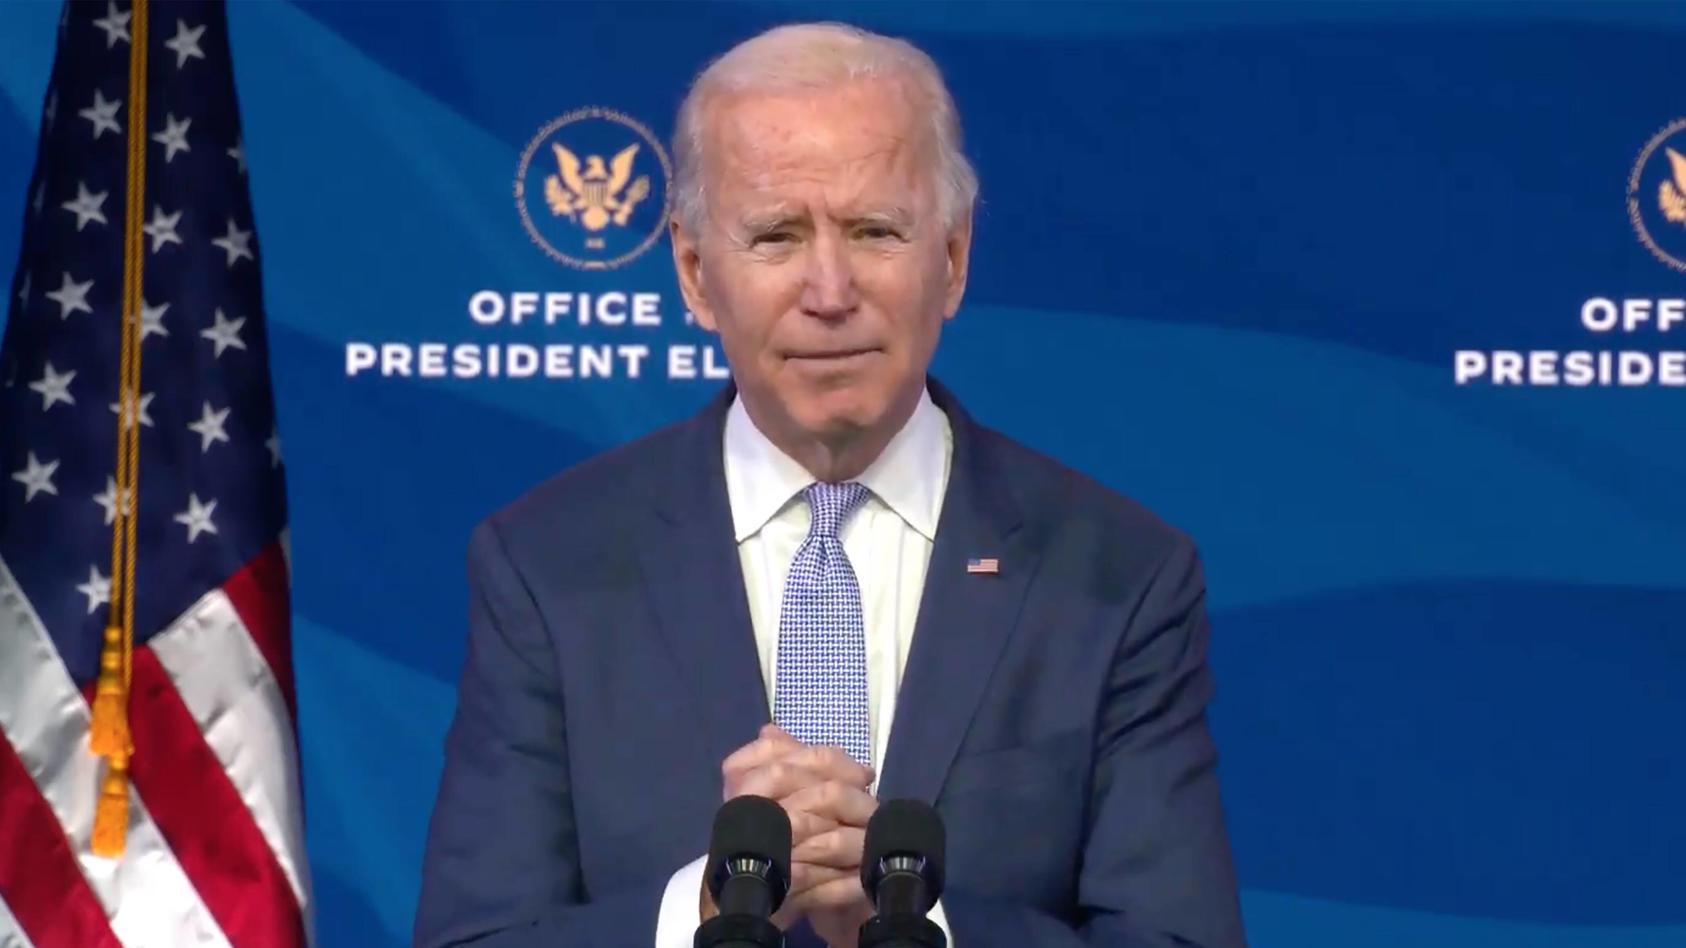 Am 20. Januar 2021 findet die Vereidigung von Joe Biden als 46. Präsident der USA statt.